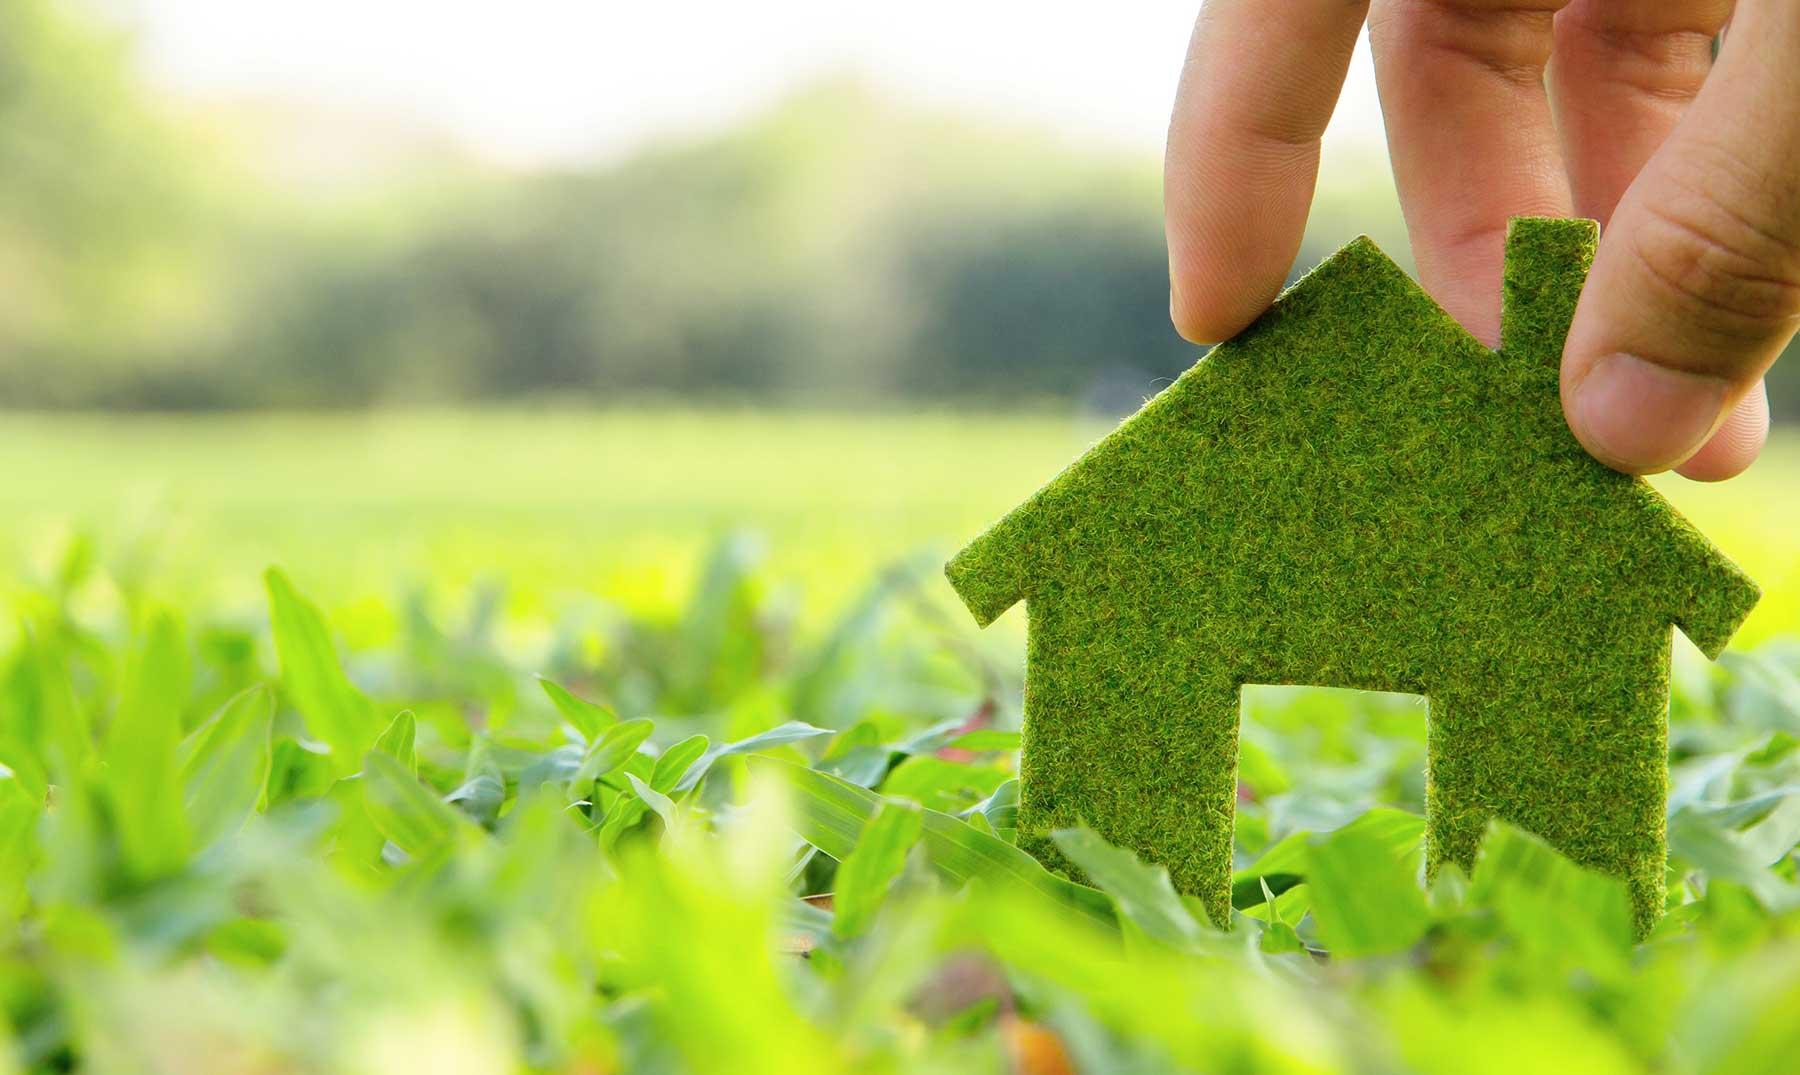 4 tecnologías para tu propio hogar ecológico